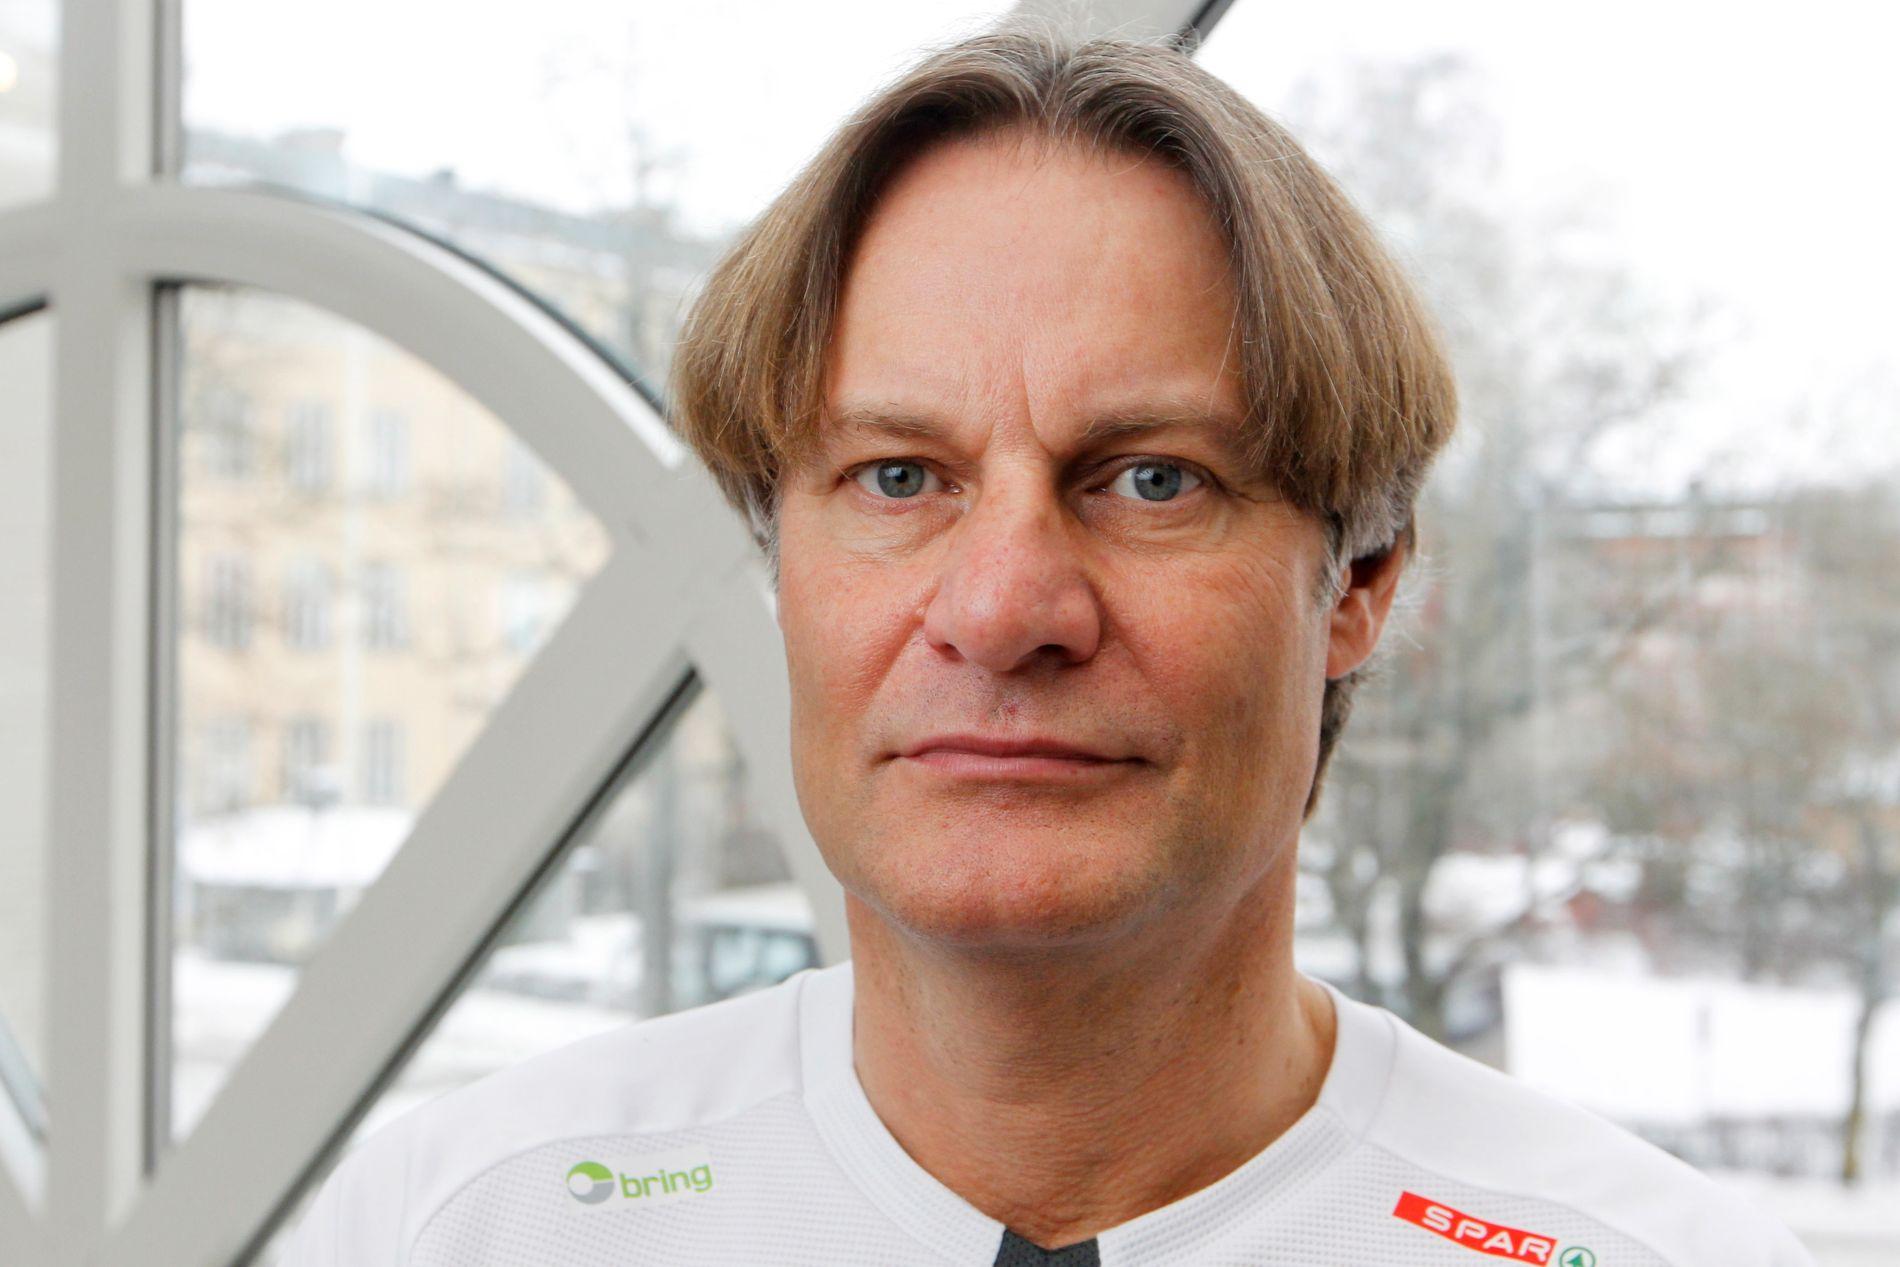 BEREDT: Thomas Torgalsen, lege ved Olympiatoppen, sier at de vil ha daglige helsebriefinger om zika under OL.